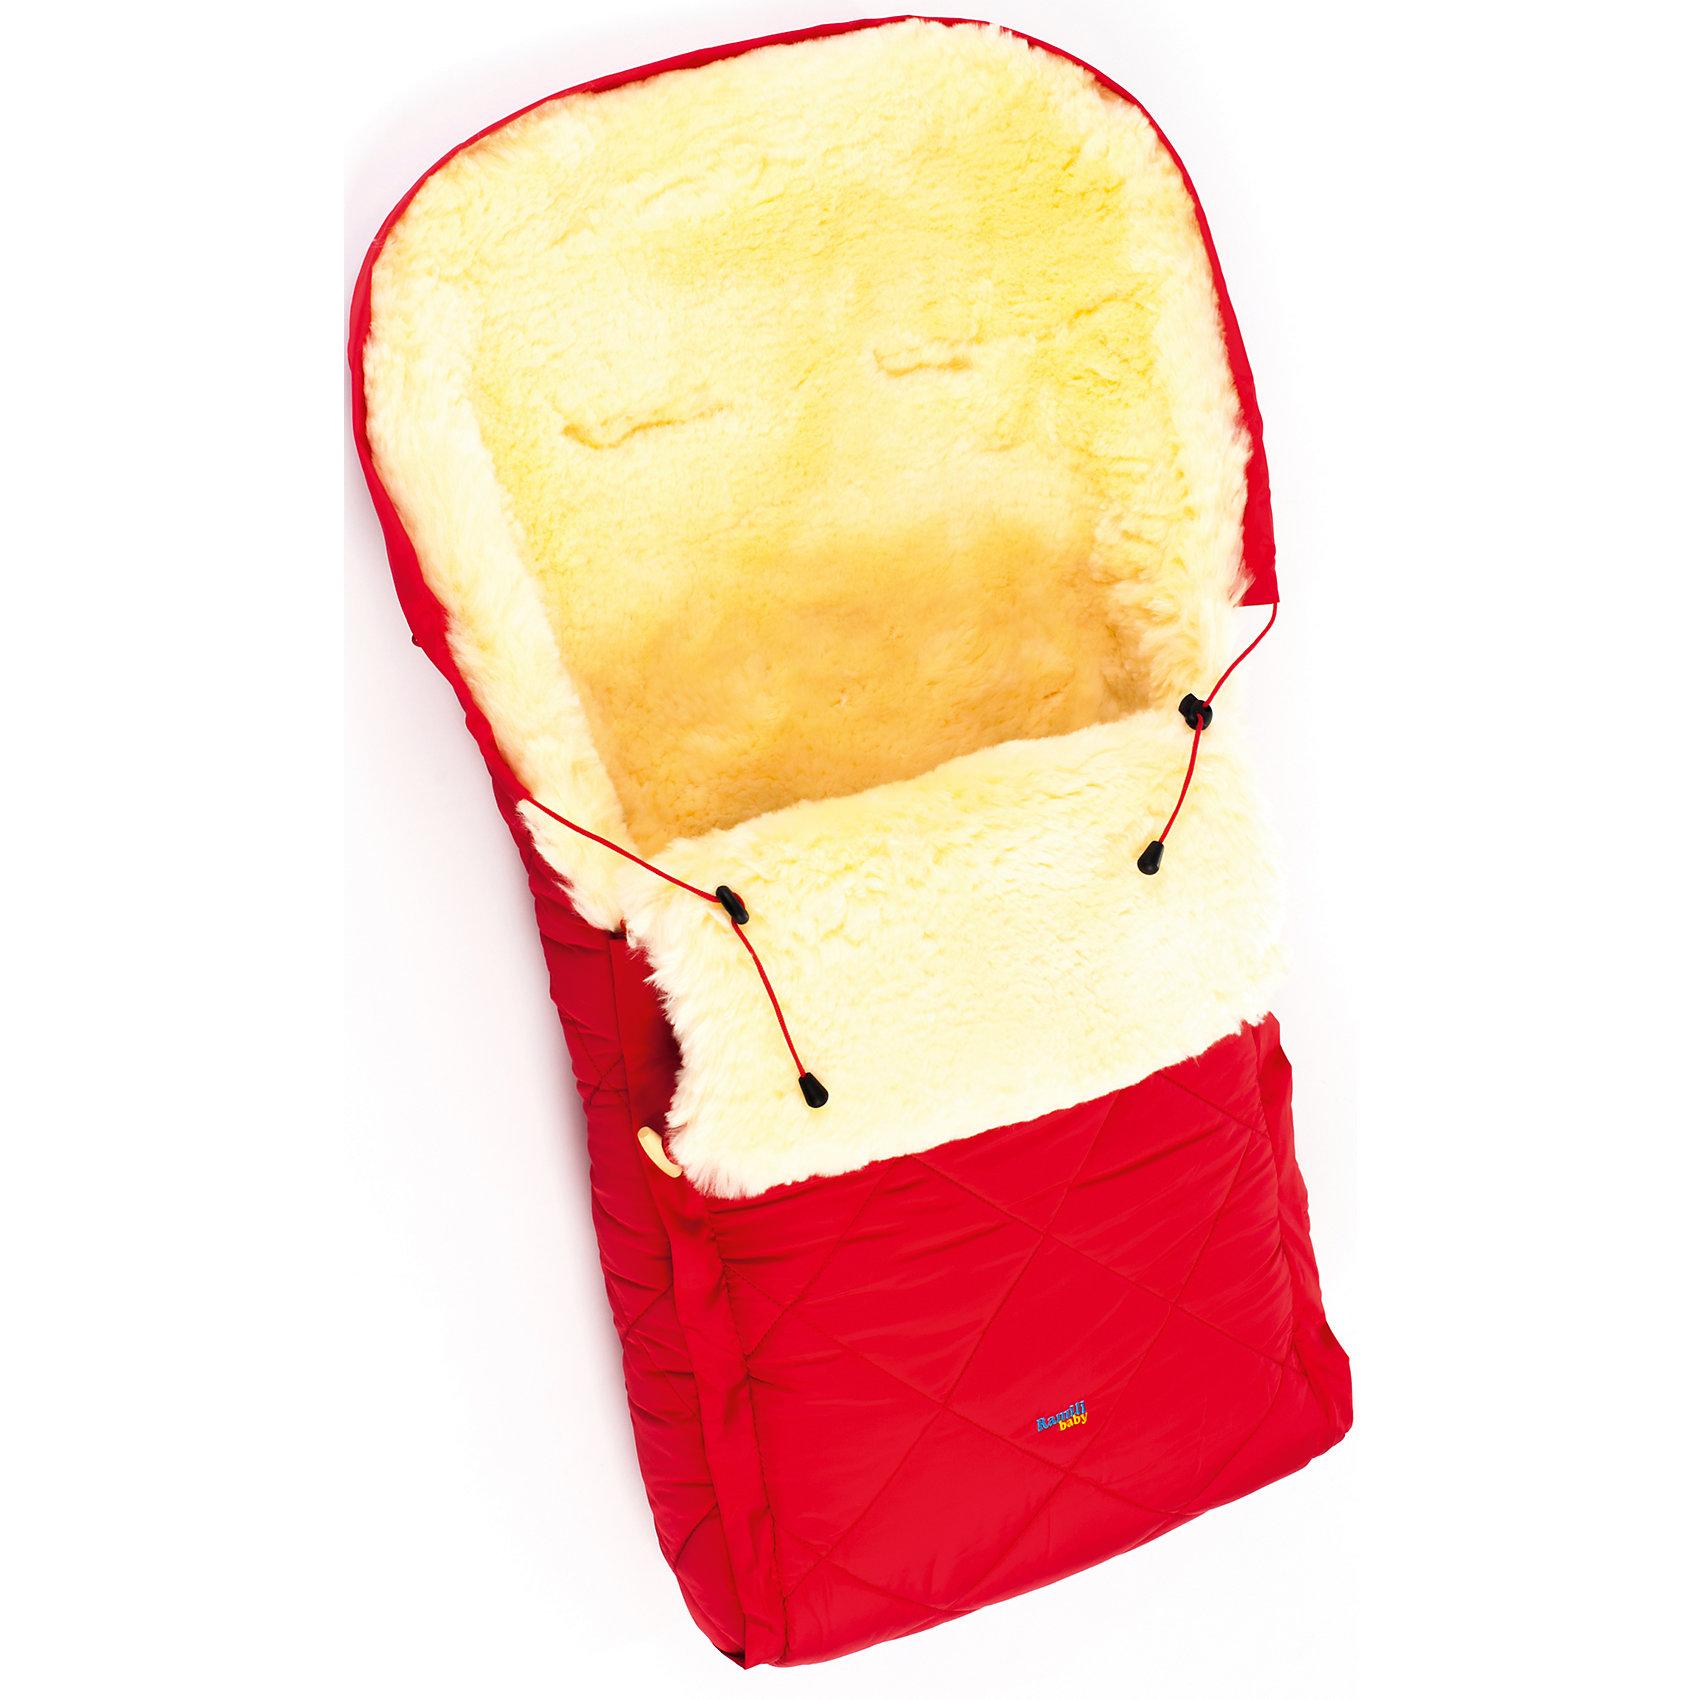 Конверт в коляску натур овчина, Ramili, красныйЗимние конверты<br>Конверт в коляску натур овчина, Ramili, красный изготовлен по британской технологии с соблюдением всех норм и требований к безопасности для изделий, предназначенных для новорожденных. Верх конверта выполнен из плащевой ткани, которая обеспечивает защиту от ветра и влаги, при этом обладает высокими износоустойчивыми свойствами; внутренняя часть – из натуральной овчины, выделанной по специализированной технологии обработки, при которой не используются красители и химические вещества. При этом при обработке сохраняются свойства натуральной овчины и завиток, который обеспечивает повышенные теплоизоляционные свойства. Изделие обладает высокими гипоаллергенными свойствами. Конверт удобен в использовании: сбоку имеется молния,егивании которой, конверт делится на две части, это позволяет его использовать и как коврик в санки или на пол для игр ребенка; Сверху предусмотрена стяжка, благодаря которой верхняя часть стягивается в капюшон. Конверт выполнен в ярком цвете, что позволит его использовать для выписки в зимнее время.<br>Конверт в коляску натур овчина, Ramili, красный – это качественные, комфортные и многофункциональные изделия для самых маленьких!<br><br>Характеристики:<br>Сезон: зима<br>Cостав: верх конверта – полиэстер, меховой подклад – овчина, 100%<br>Размеры конверта (Д*Ш): 95*45 см<br>Верх стягивается в капюшон<br>Наличие застежки-молнии<br>Предусмотрены прорези для ремней безопасности<br>Трансформируется в коврик<br>Уход: машинная стирка при температуре не более 40 градусов<br><br>Конверт в коляску натур овчина, Ramili, красный можно купить в нашем интернет-магазине.<br><br>Ширина мм: 900<br>Глубина мм: 600<br>Высота мм: 200<br>Вес г: 1000<br>Цвет: красный<br>Возраст от месяцев: 0<br>Возраст до месяцев: 12<br>Пол: Унисекс<br>Возраст: Детский<br>SKU: 4980602